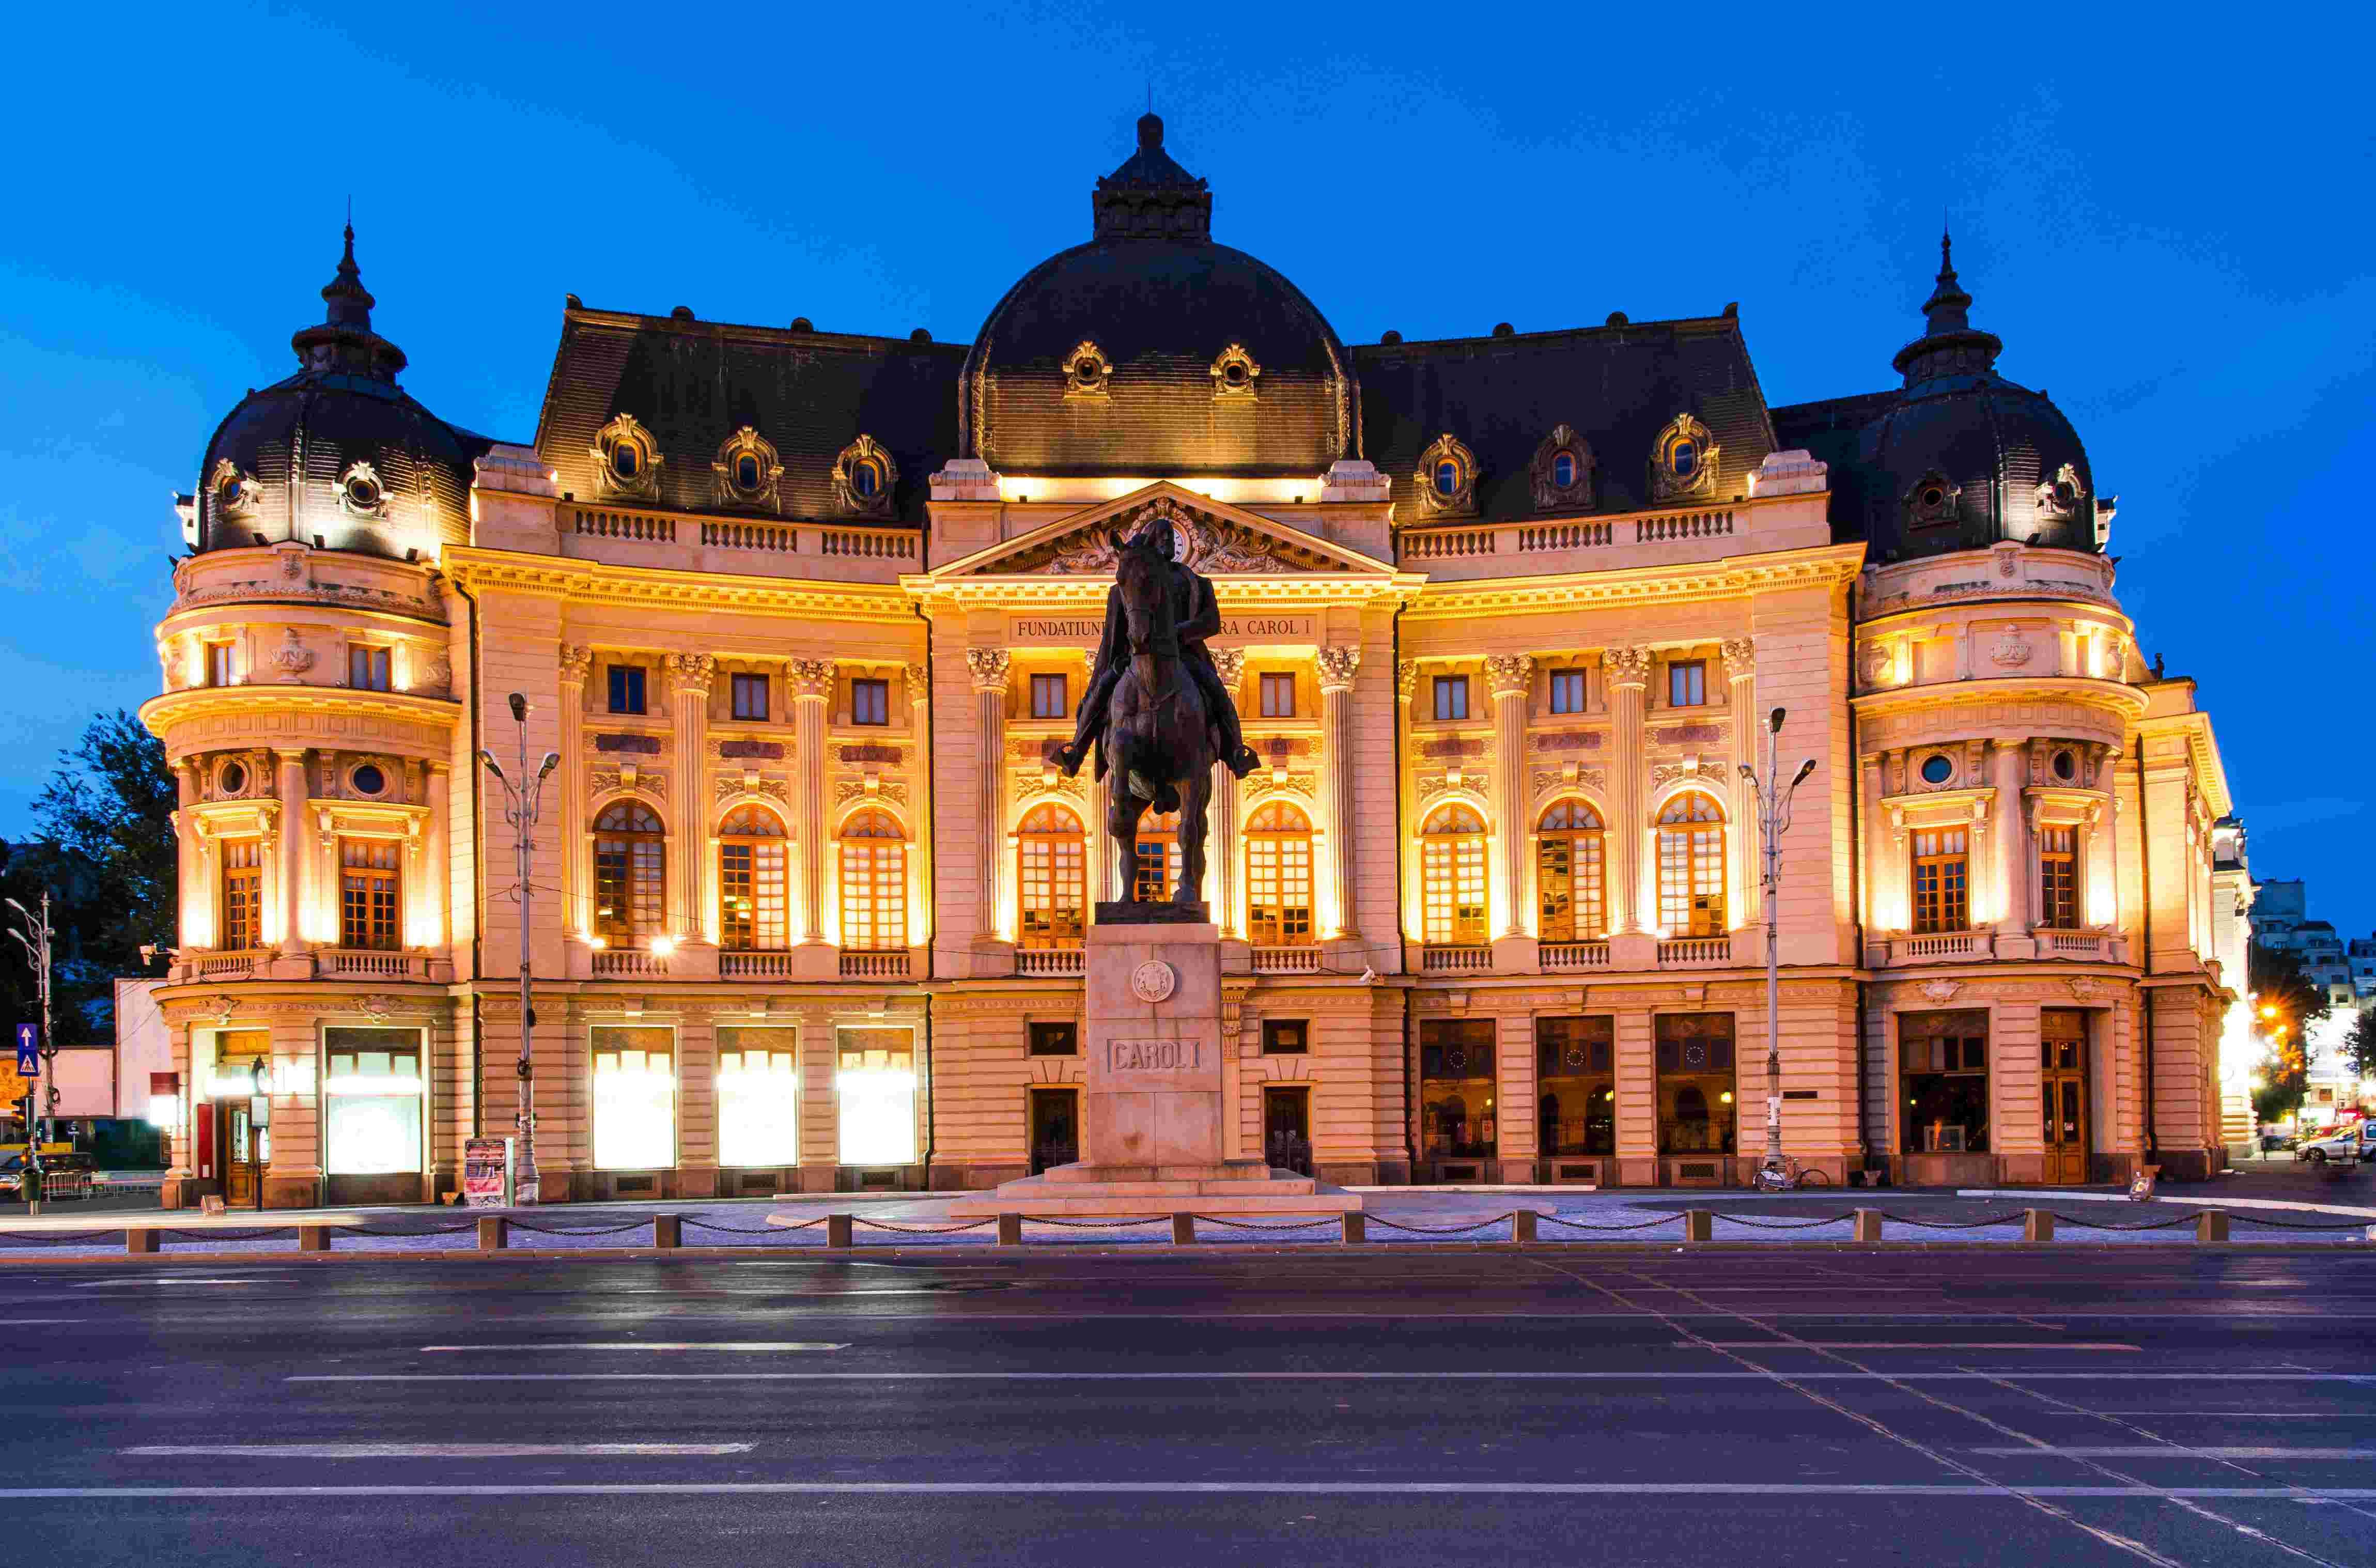 Достопримечательности Бухареста, Румыния – отзыв о посещении